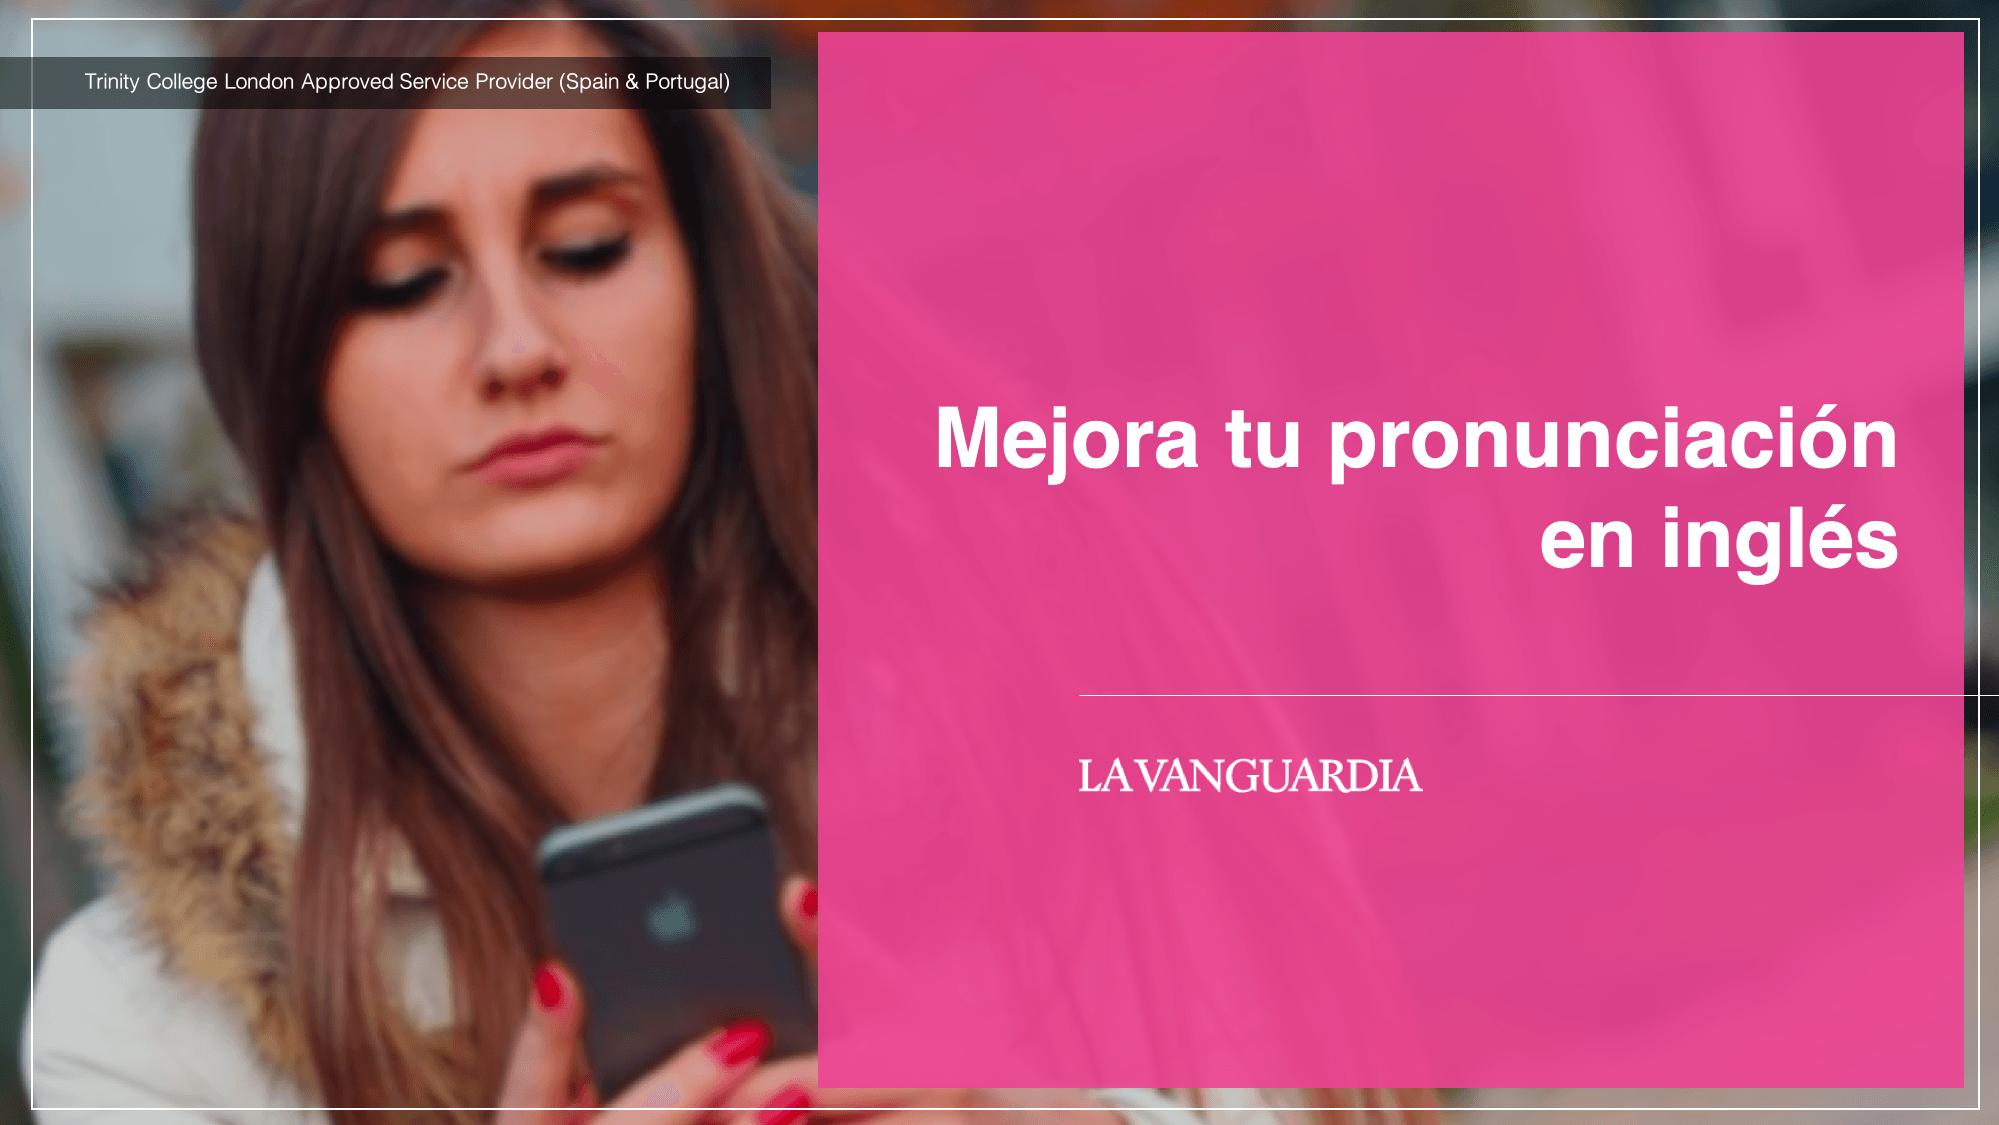 Mejora tu pronunciación en inglés - La Vanguardia y Trinity College London